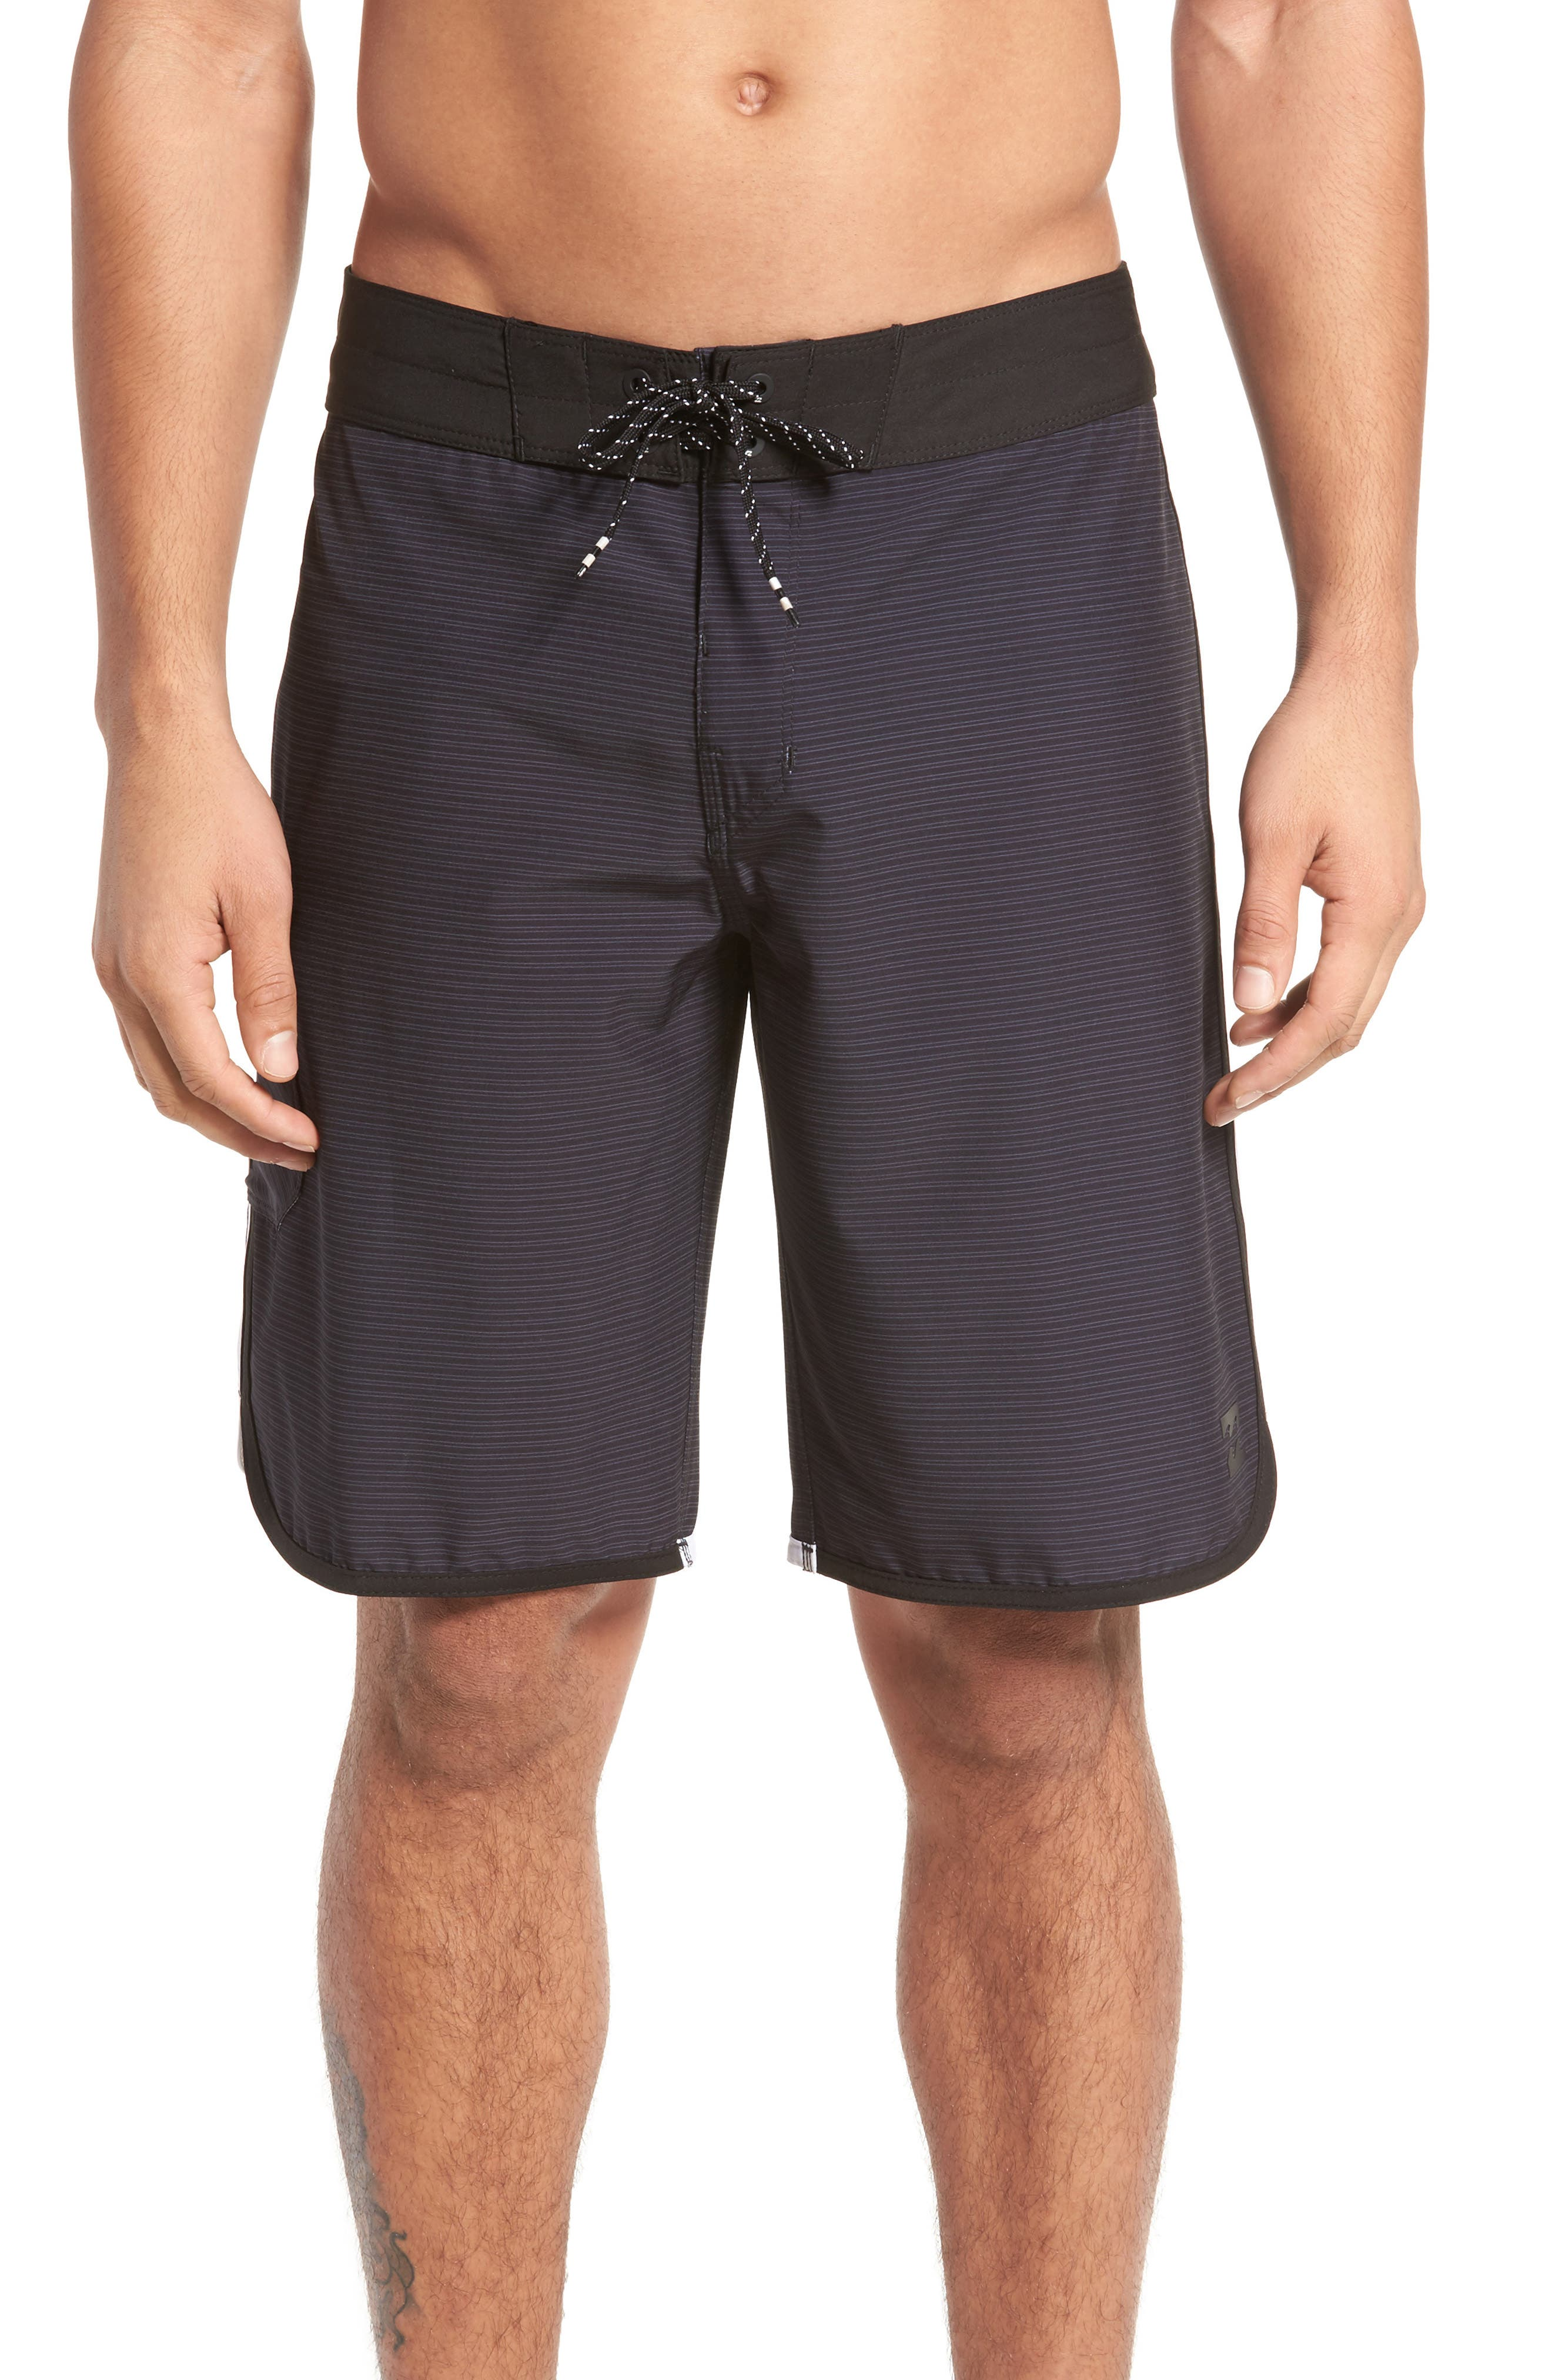 73 X Board Shorts,                             Main thumbnail 1, color,                             001